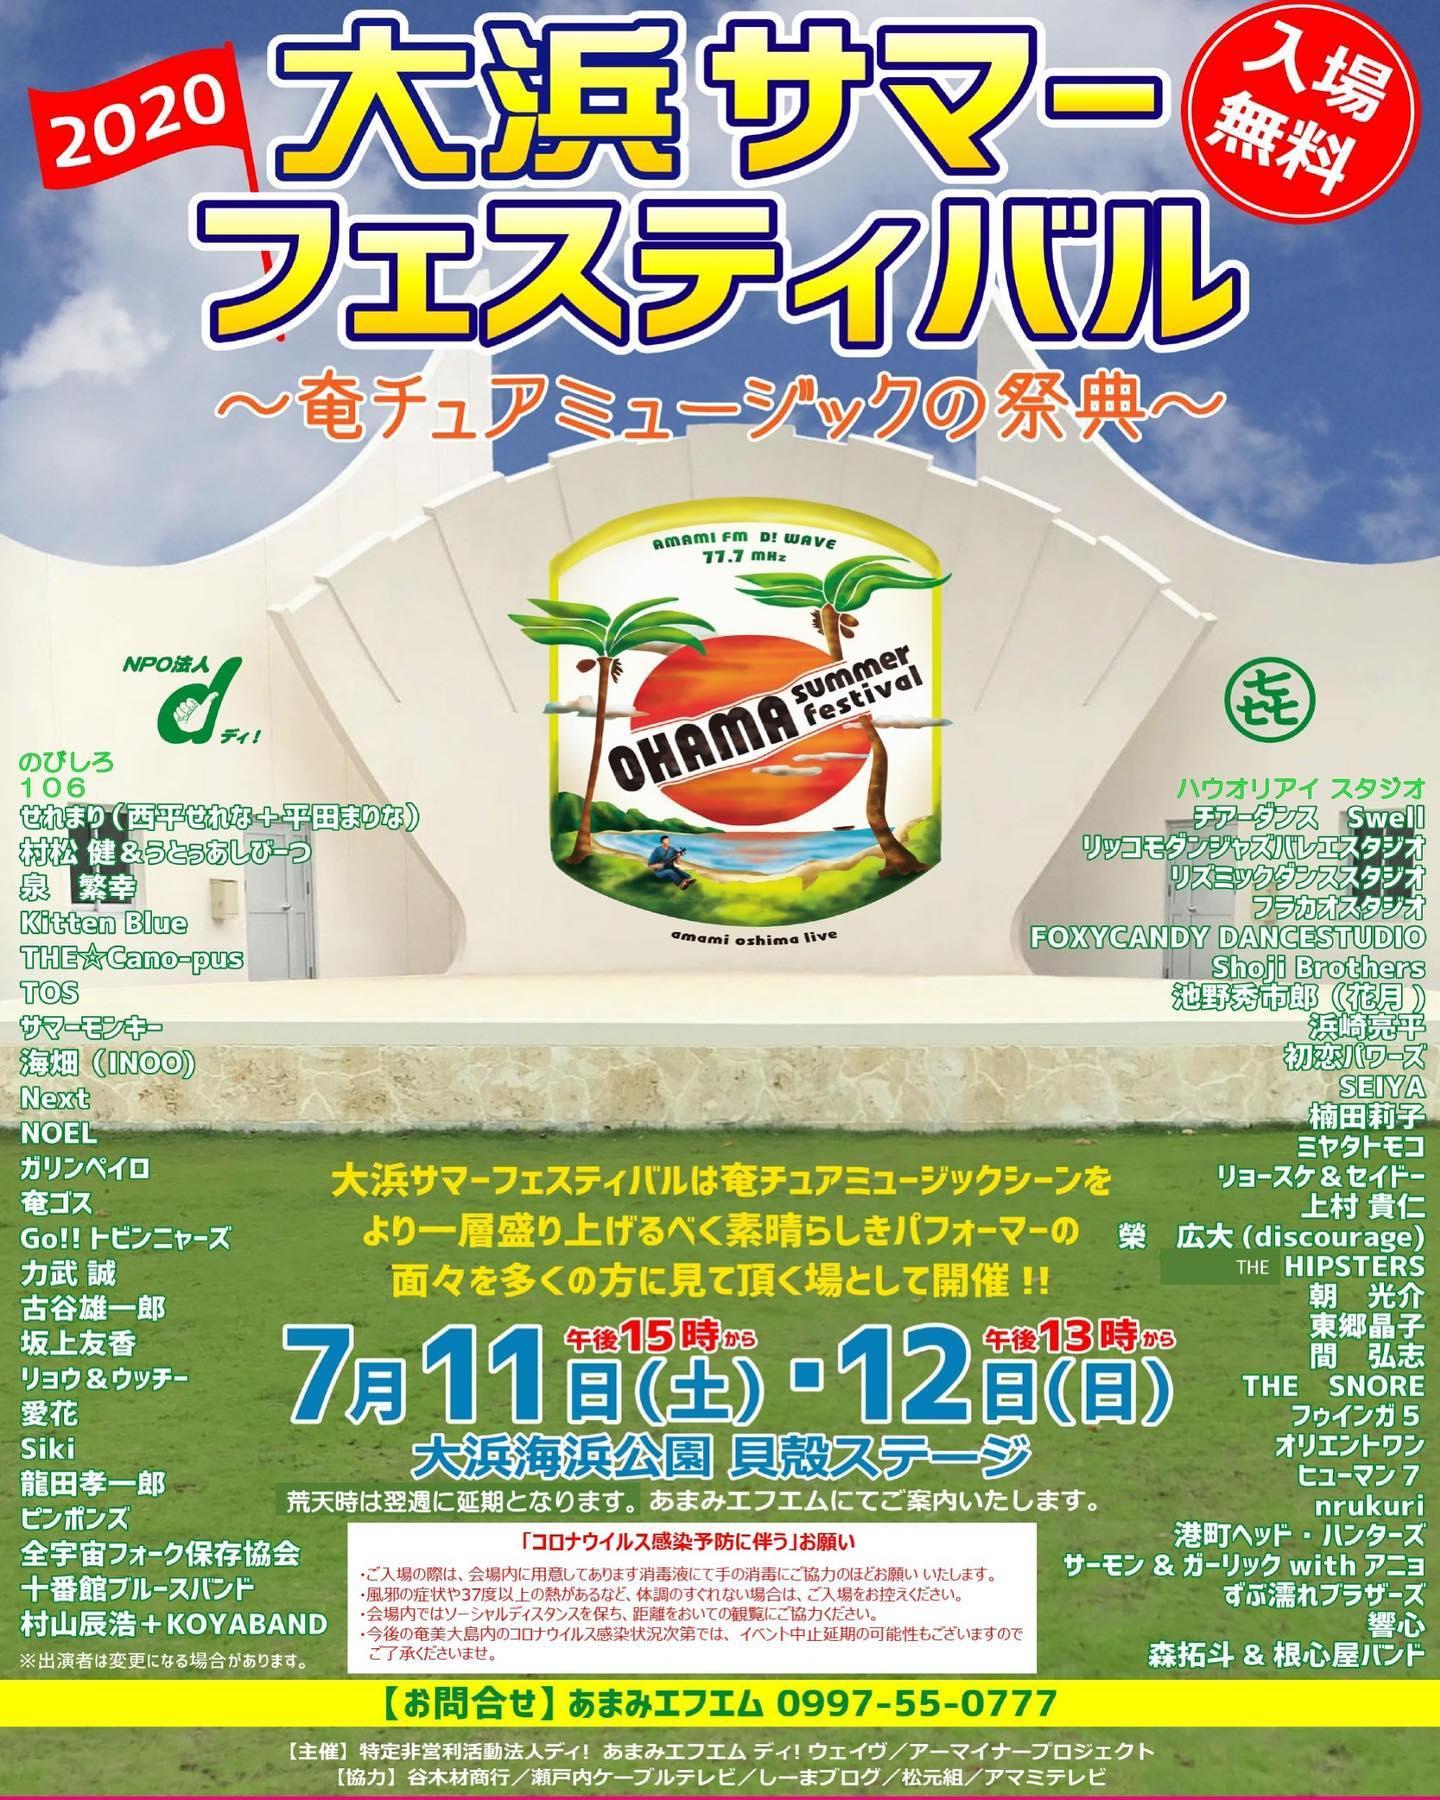 大浜サマフェス2020